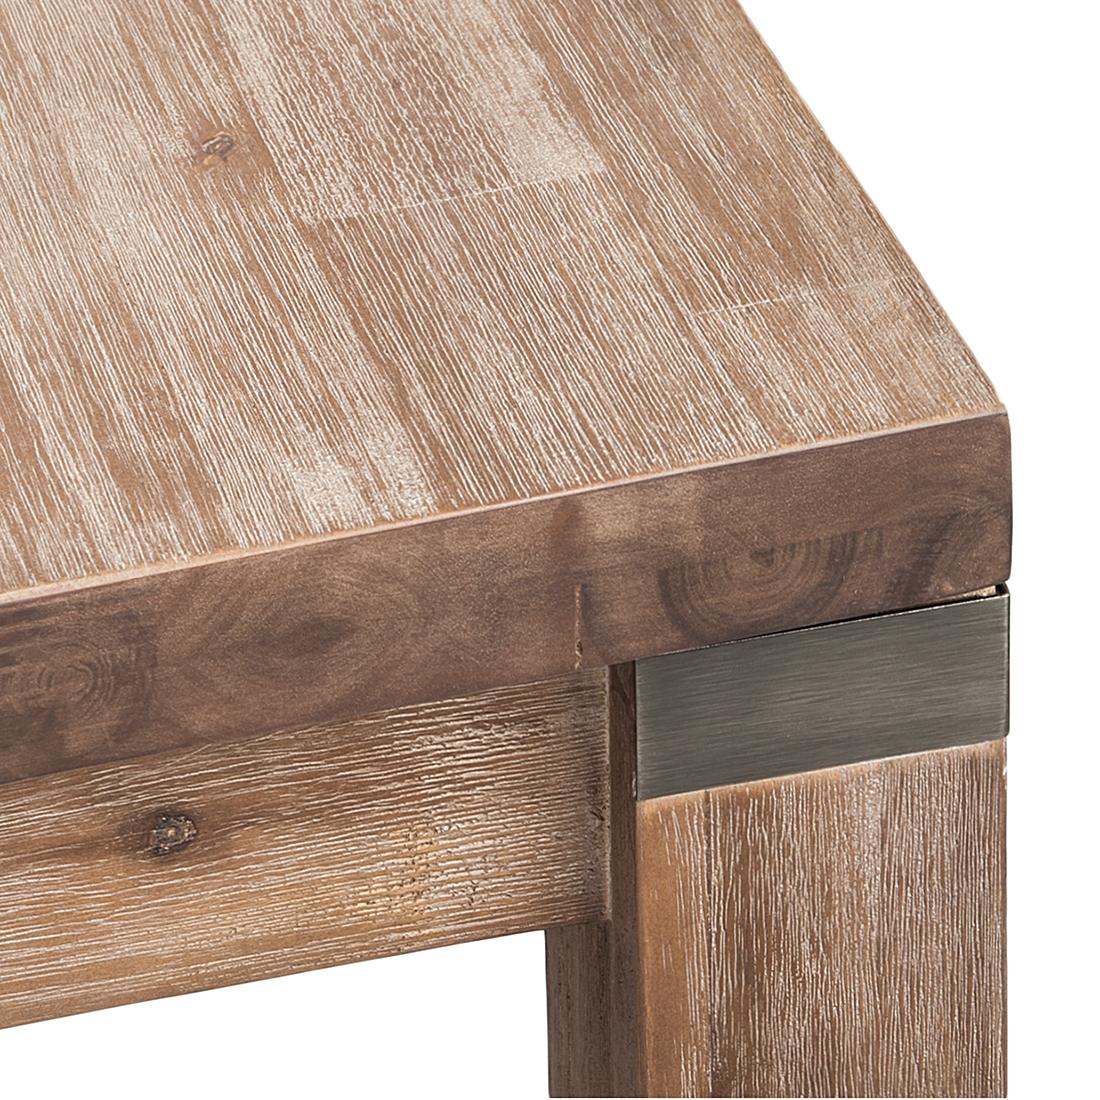 Charming Bartisch Akazie Grau 120x95cm Stehtisch Küchentisch Esstisch . Design Ideas